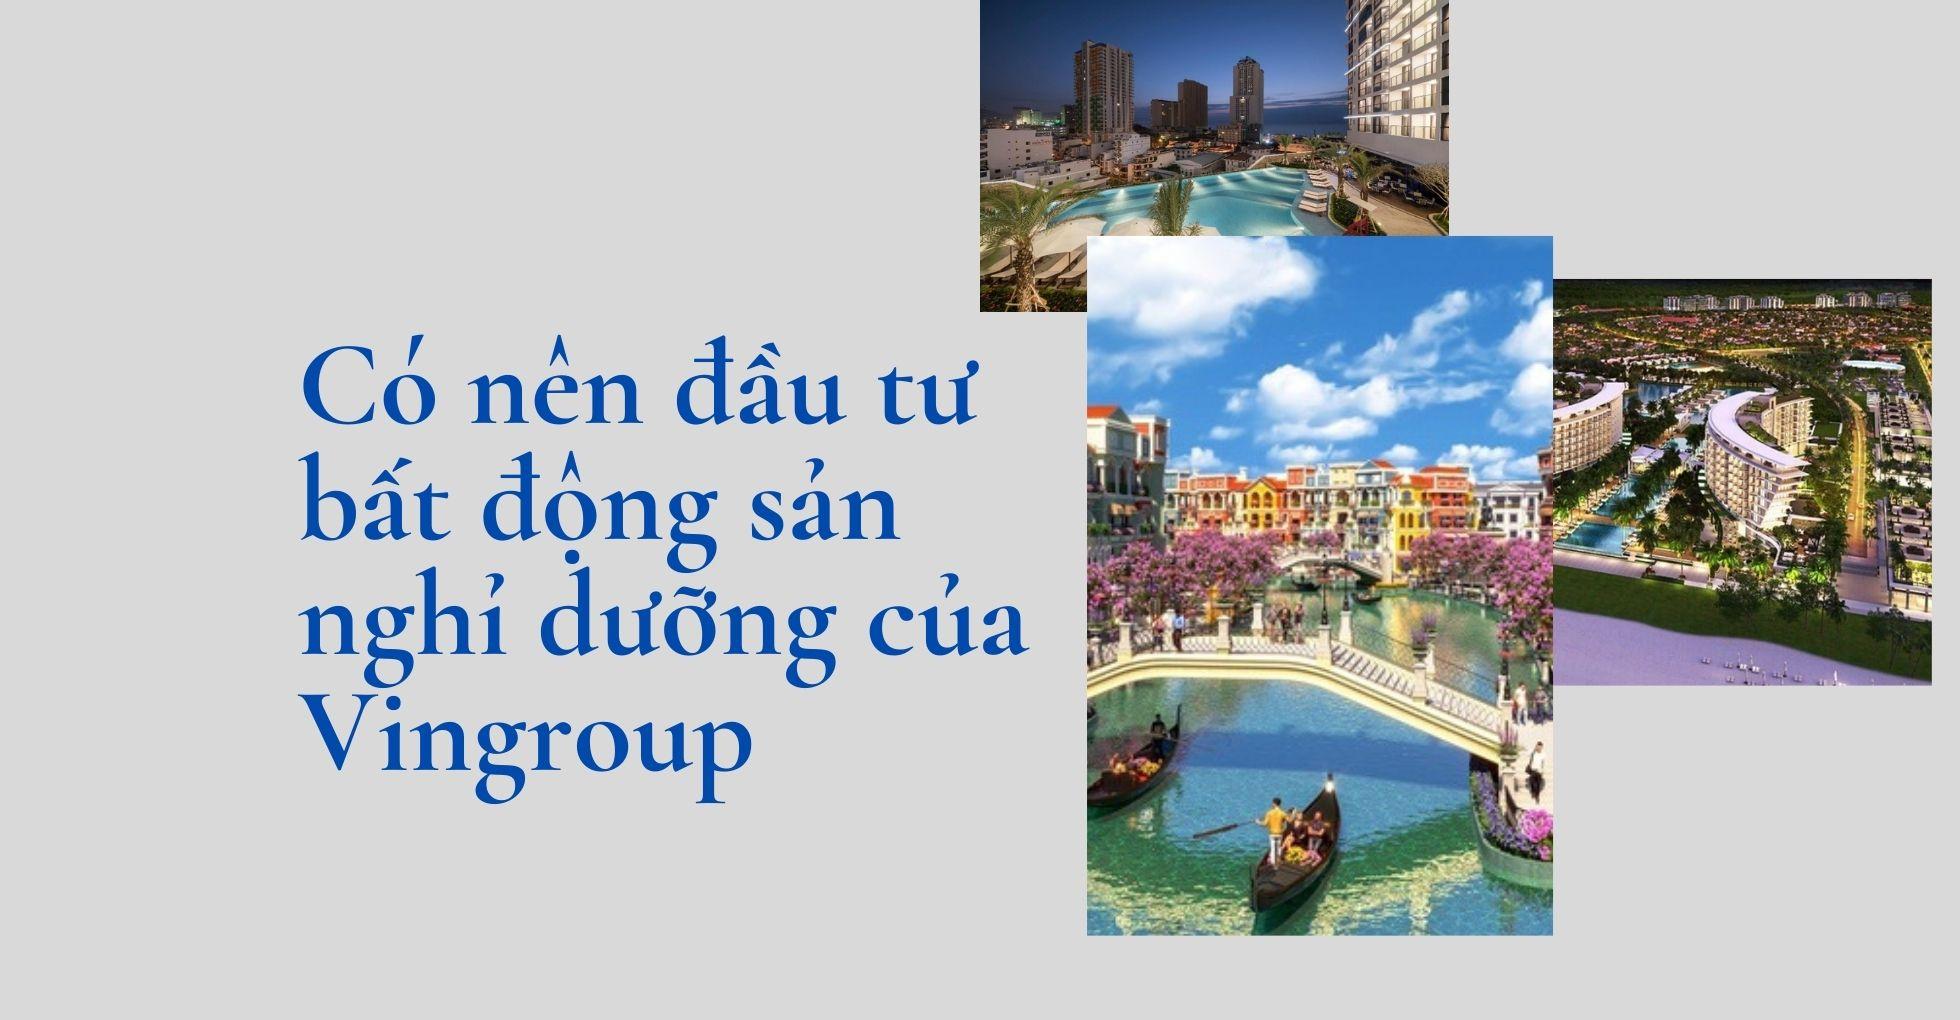 co-nen-dau-tu-bat-dong-san-nghi-duong-cua-vingroup